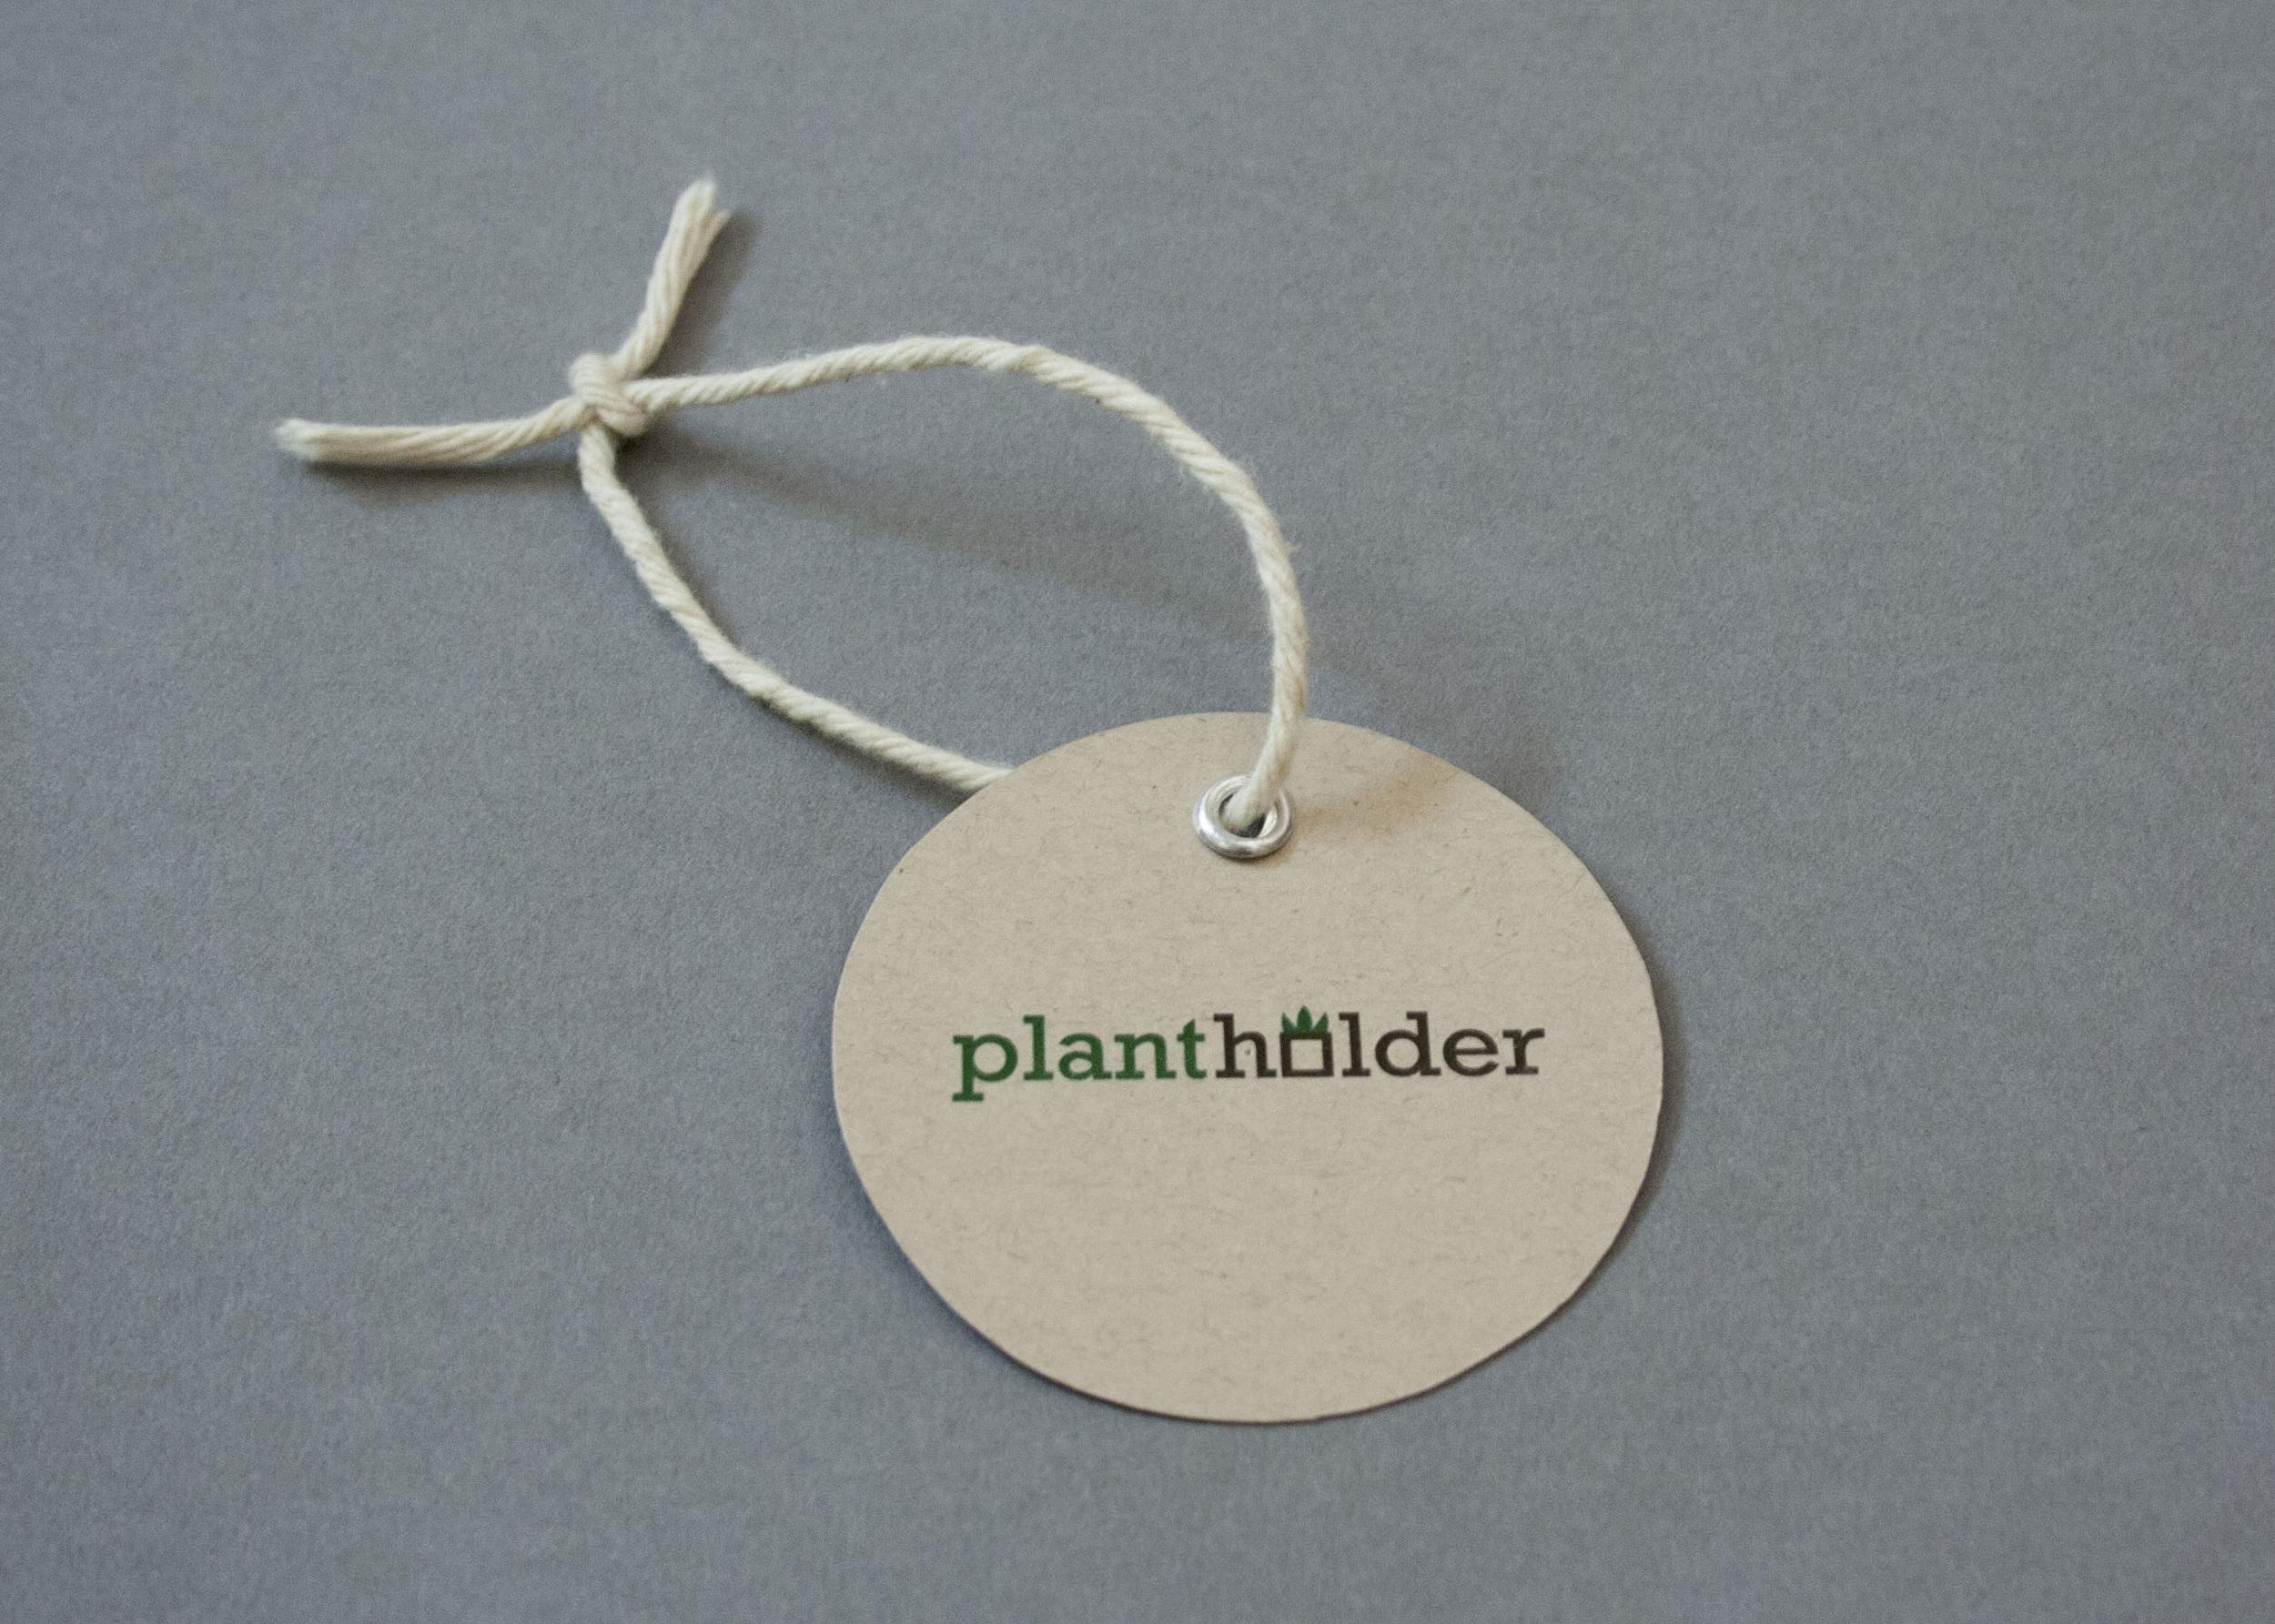 Plantholder logo and label